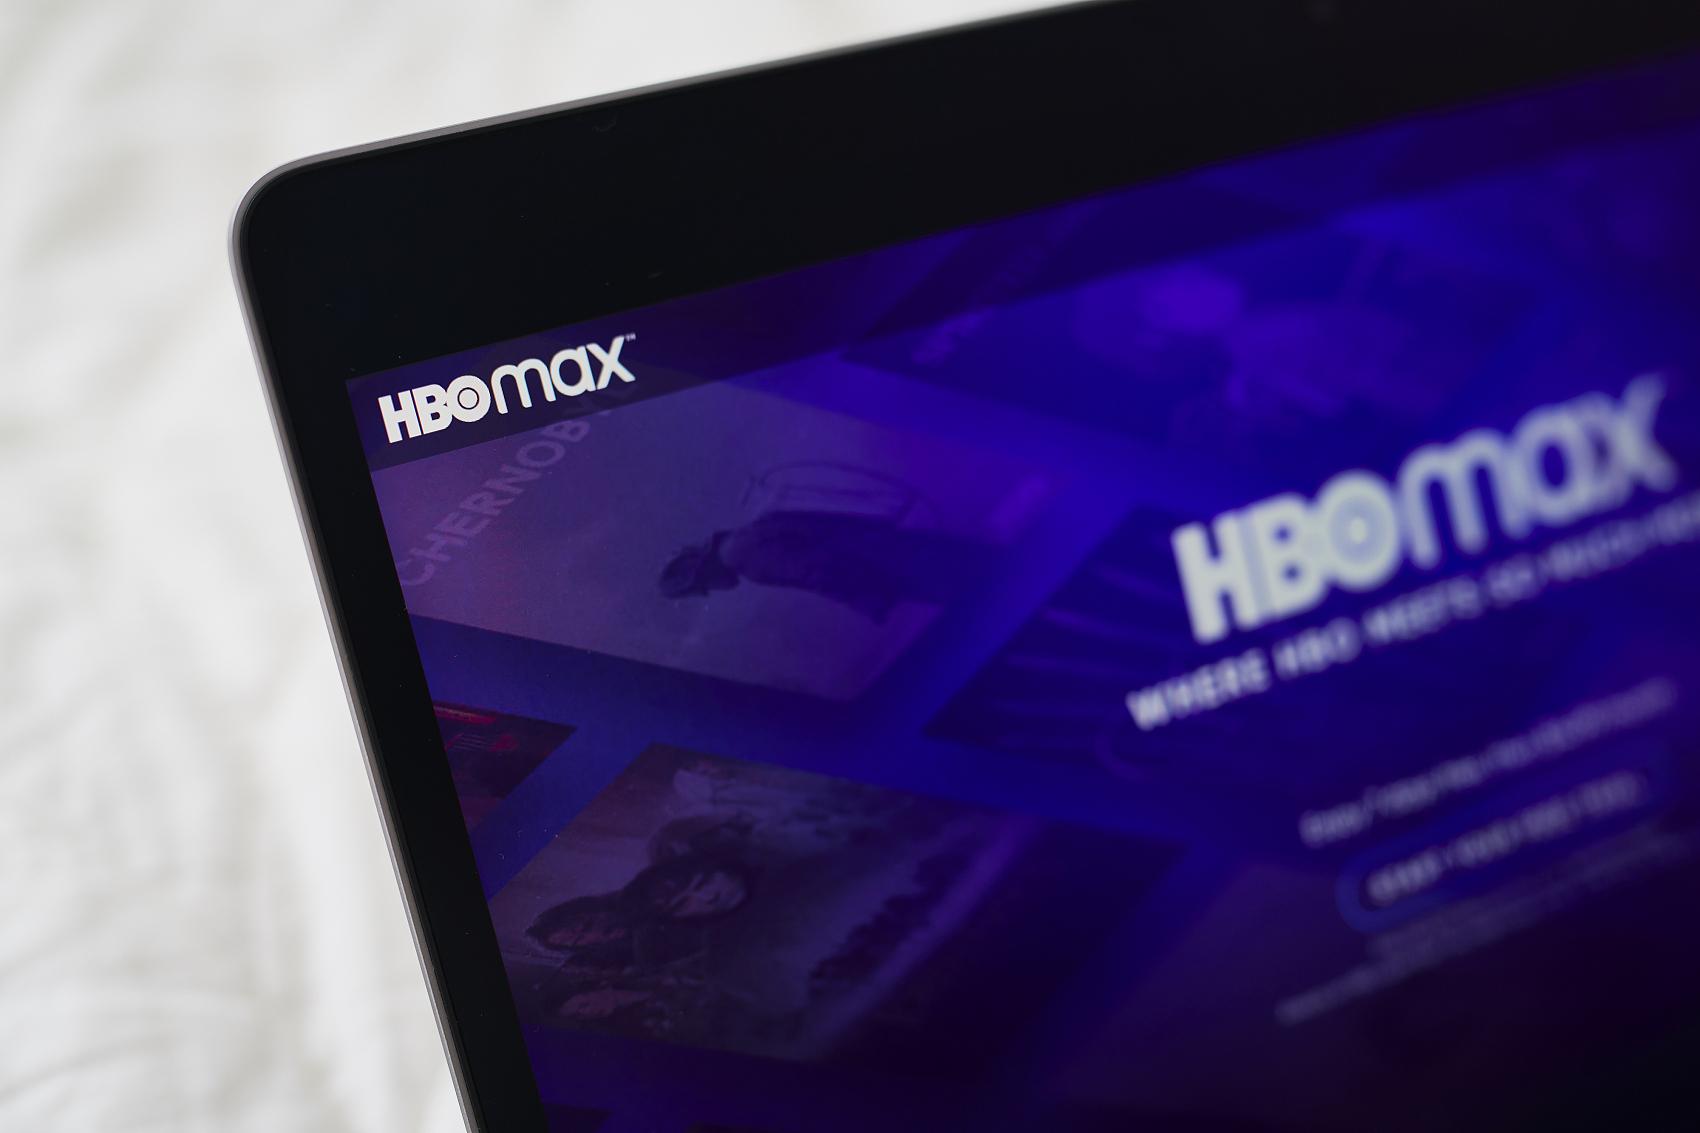 复盘HBO精品之路:野到极致便是神话